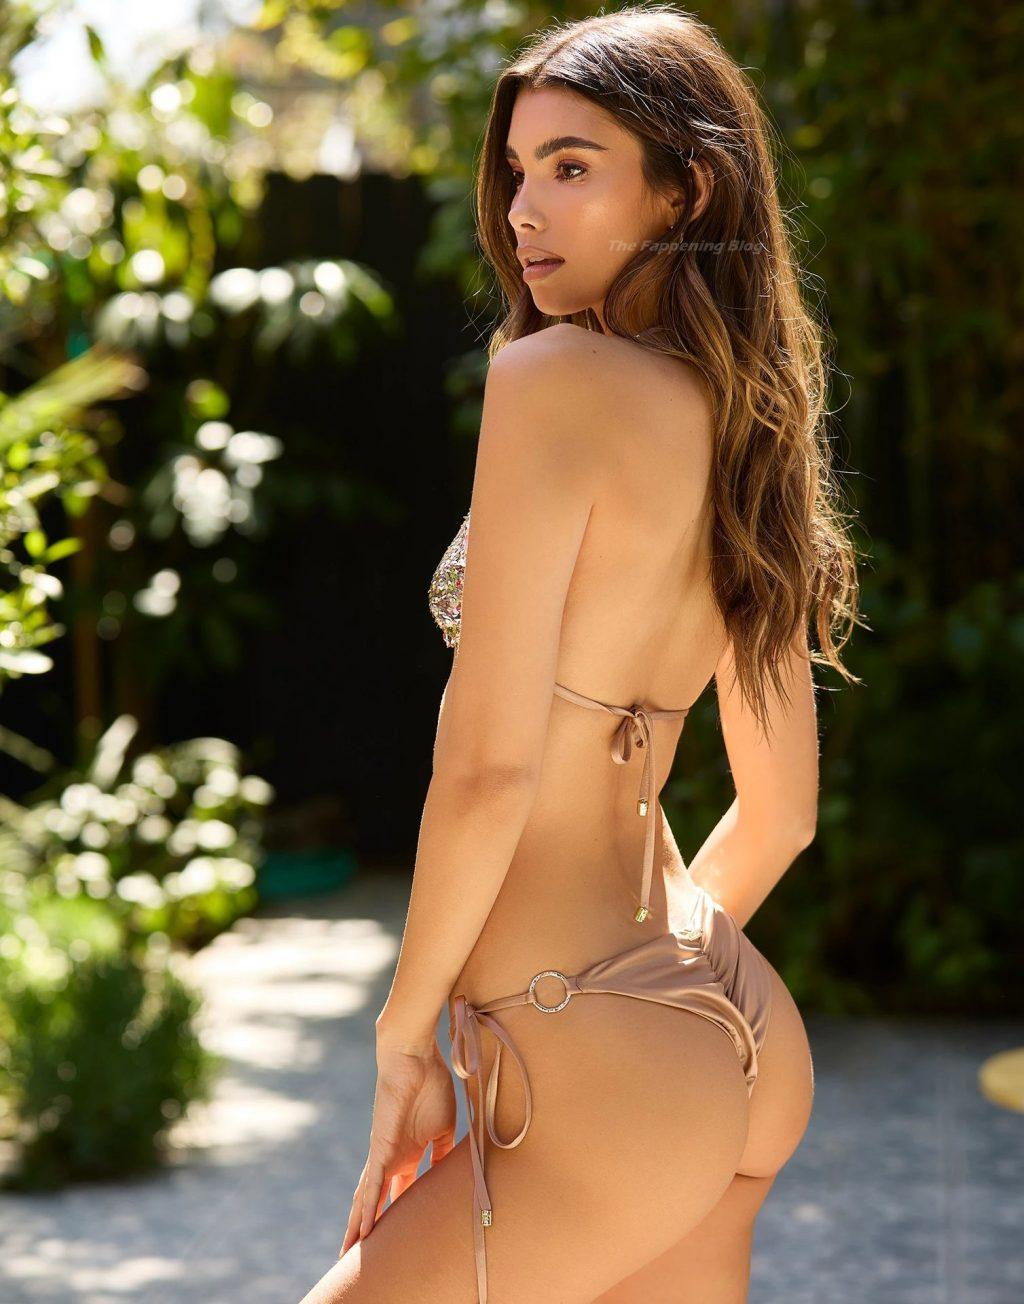 Cindy Mello Sexy (21 Photos)